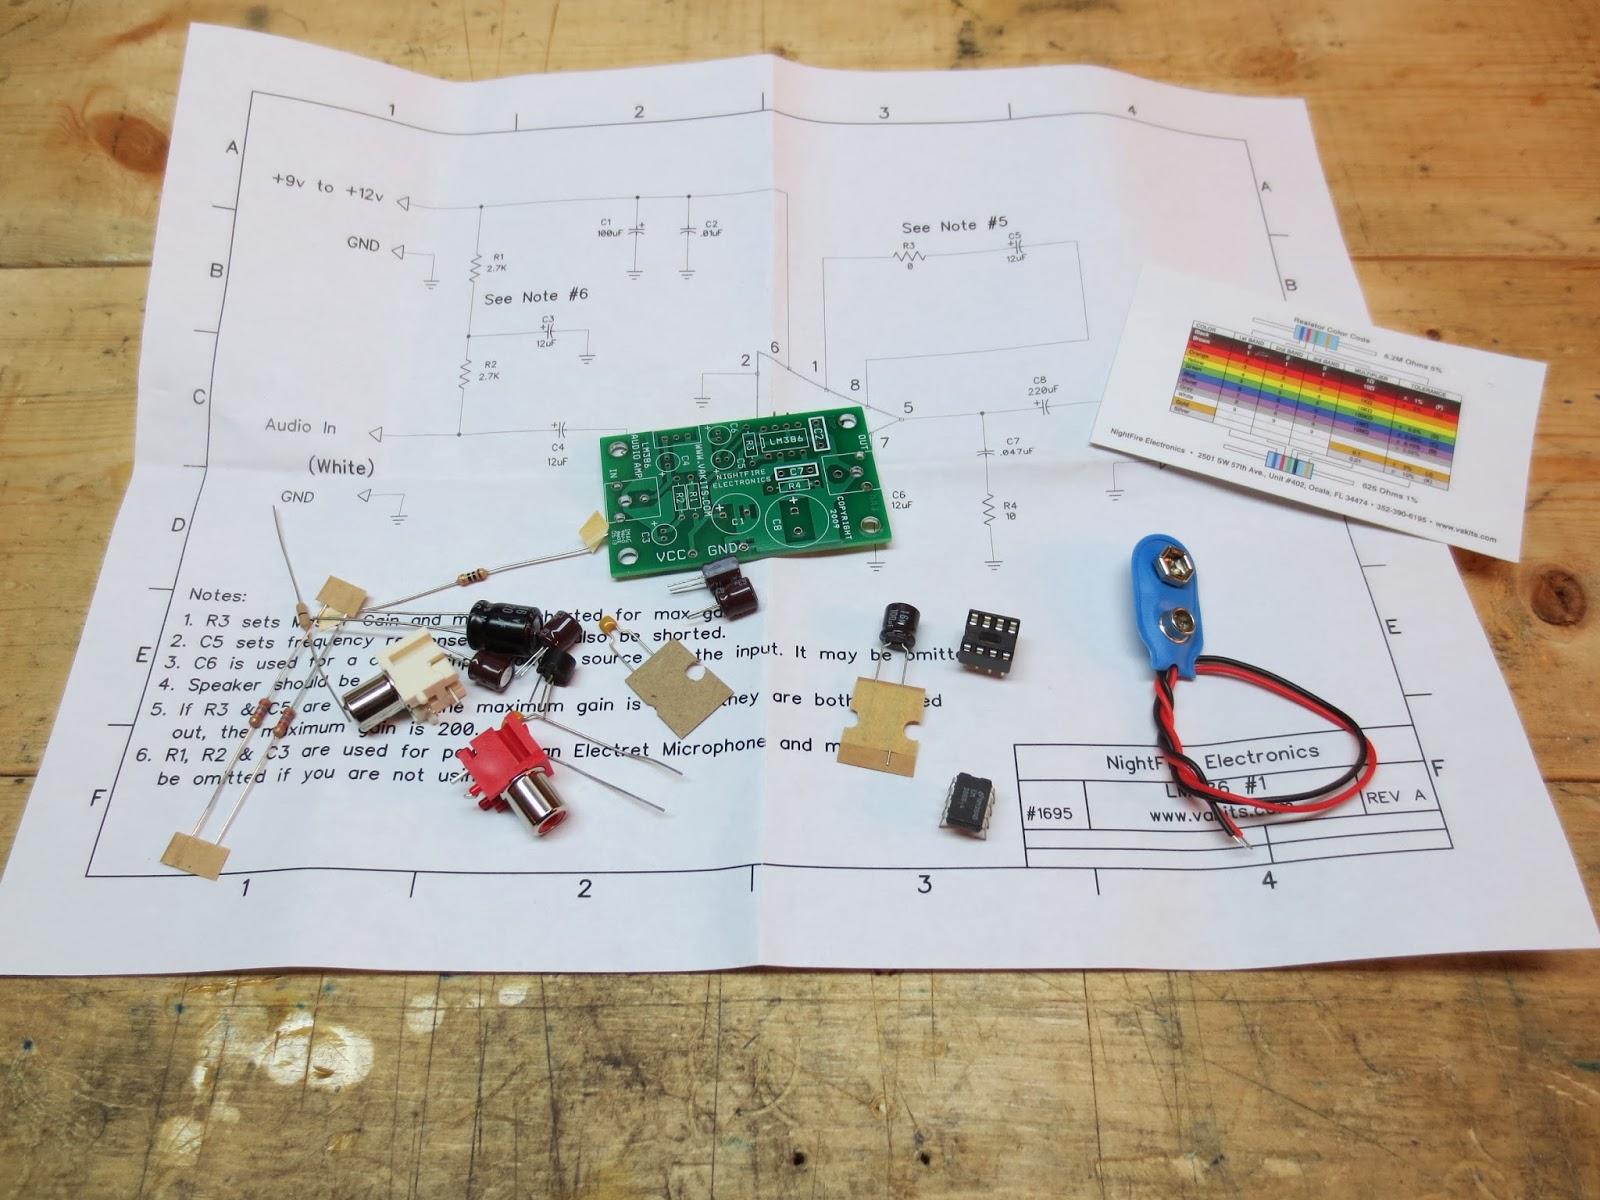 cbg amp diagrams pyle power amp diagrams ricks shop: cbg amplifier #1